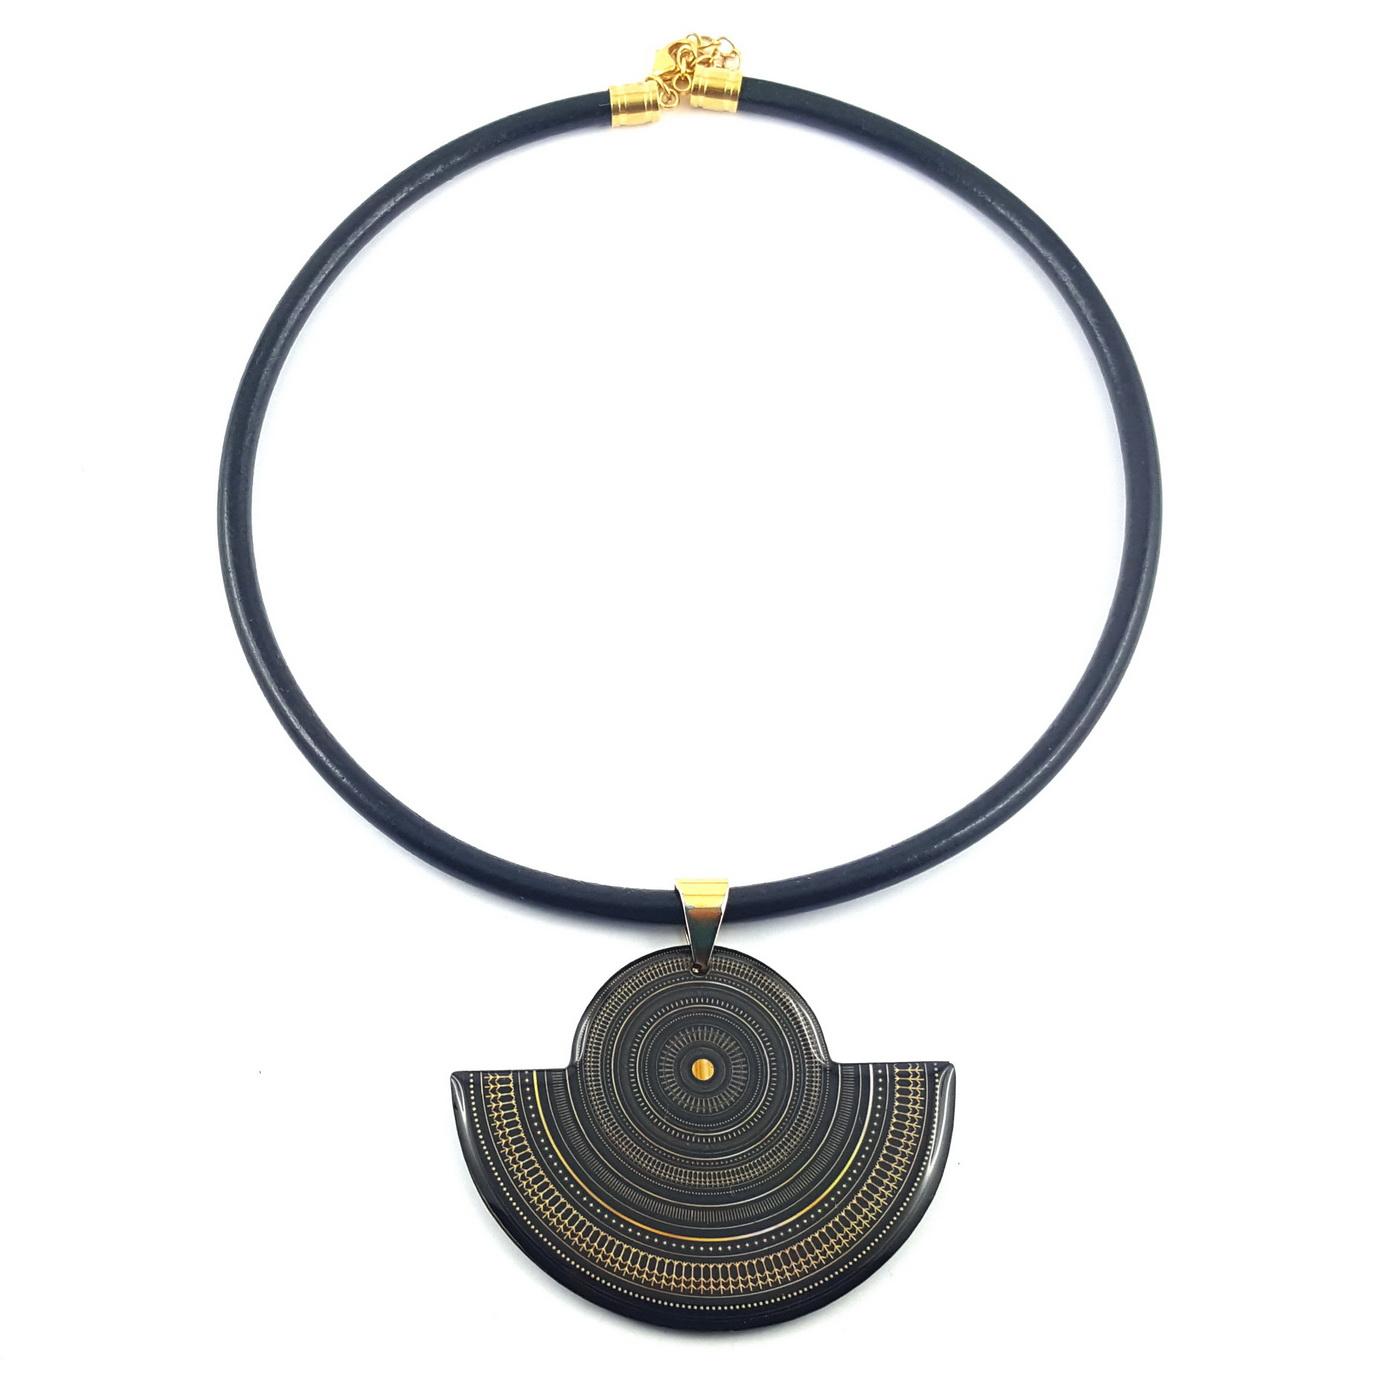 Collier original ethnique art deco - identites bijoux